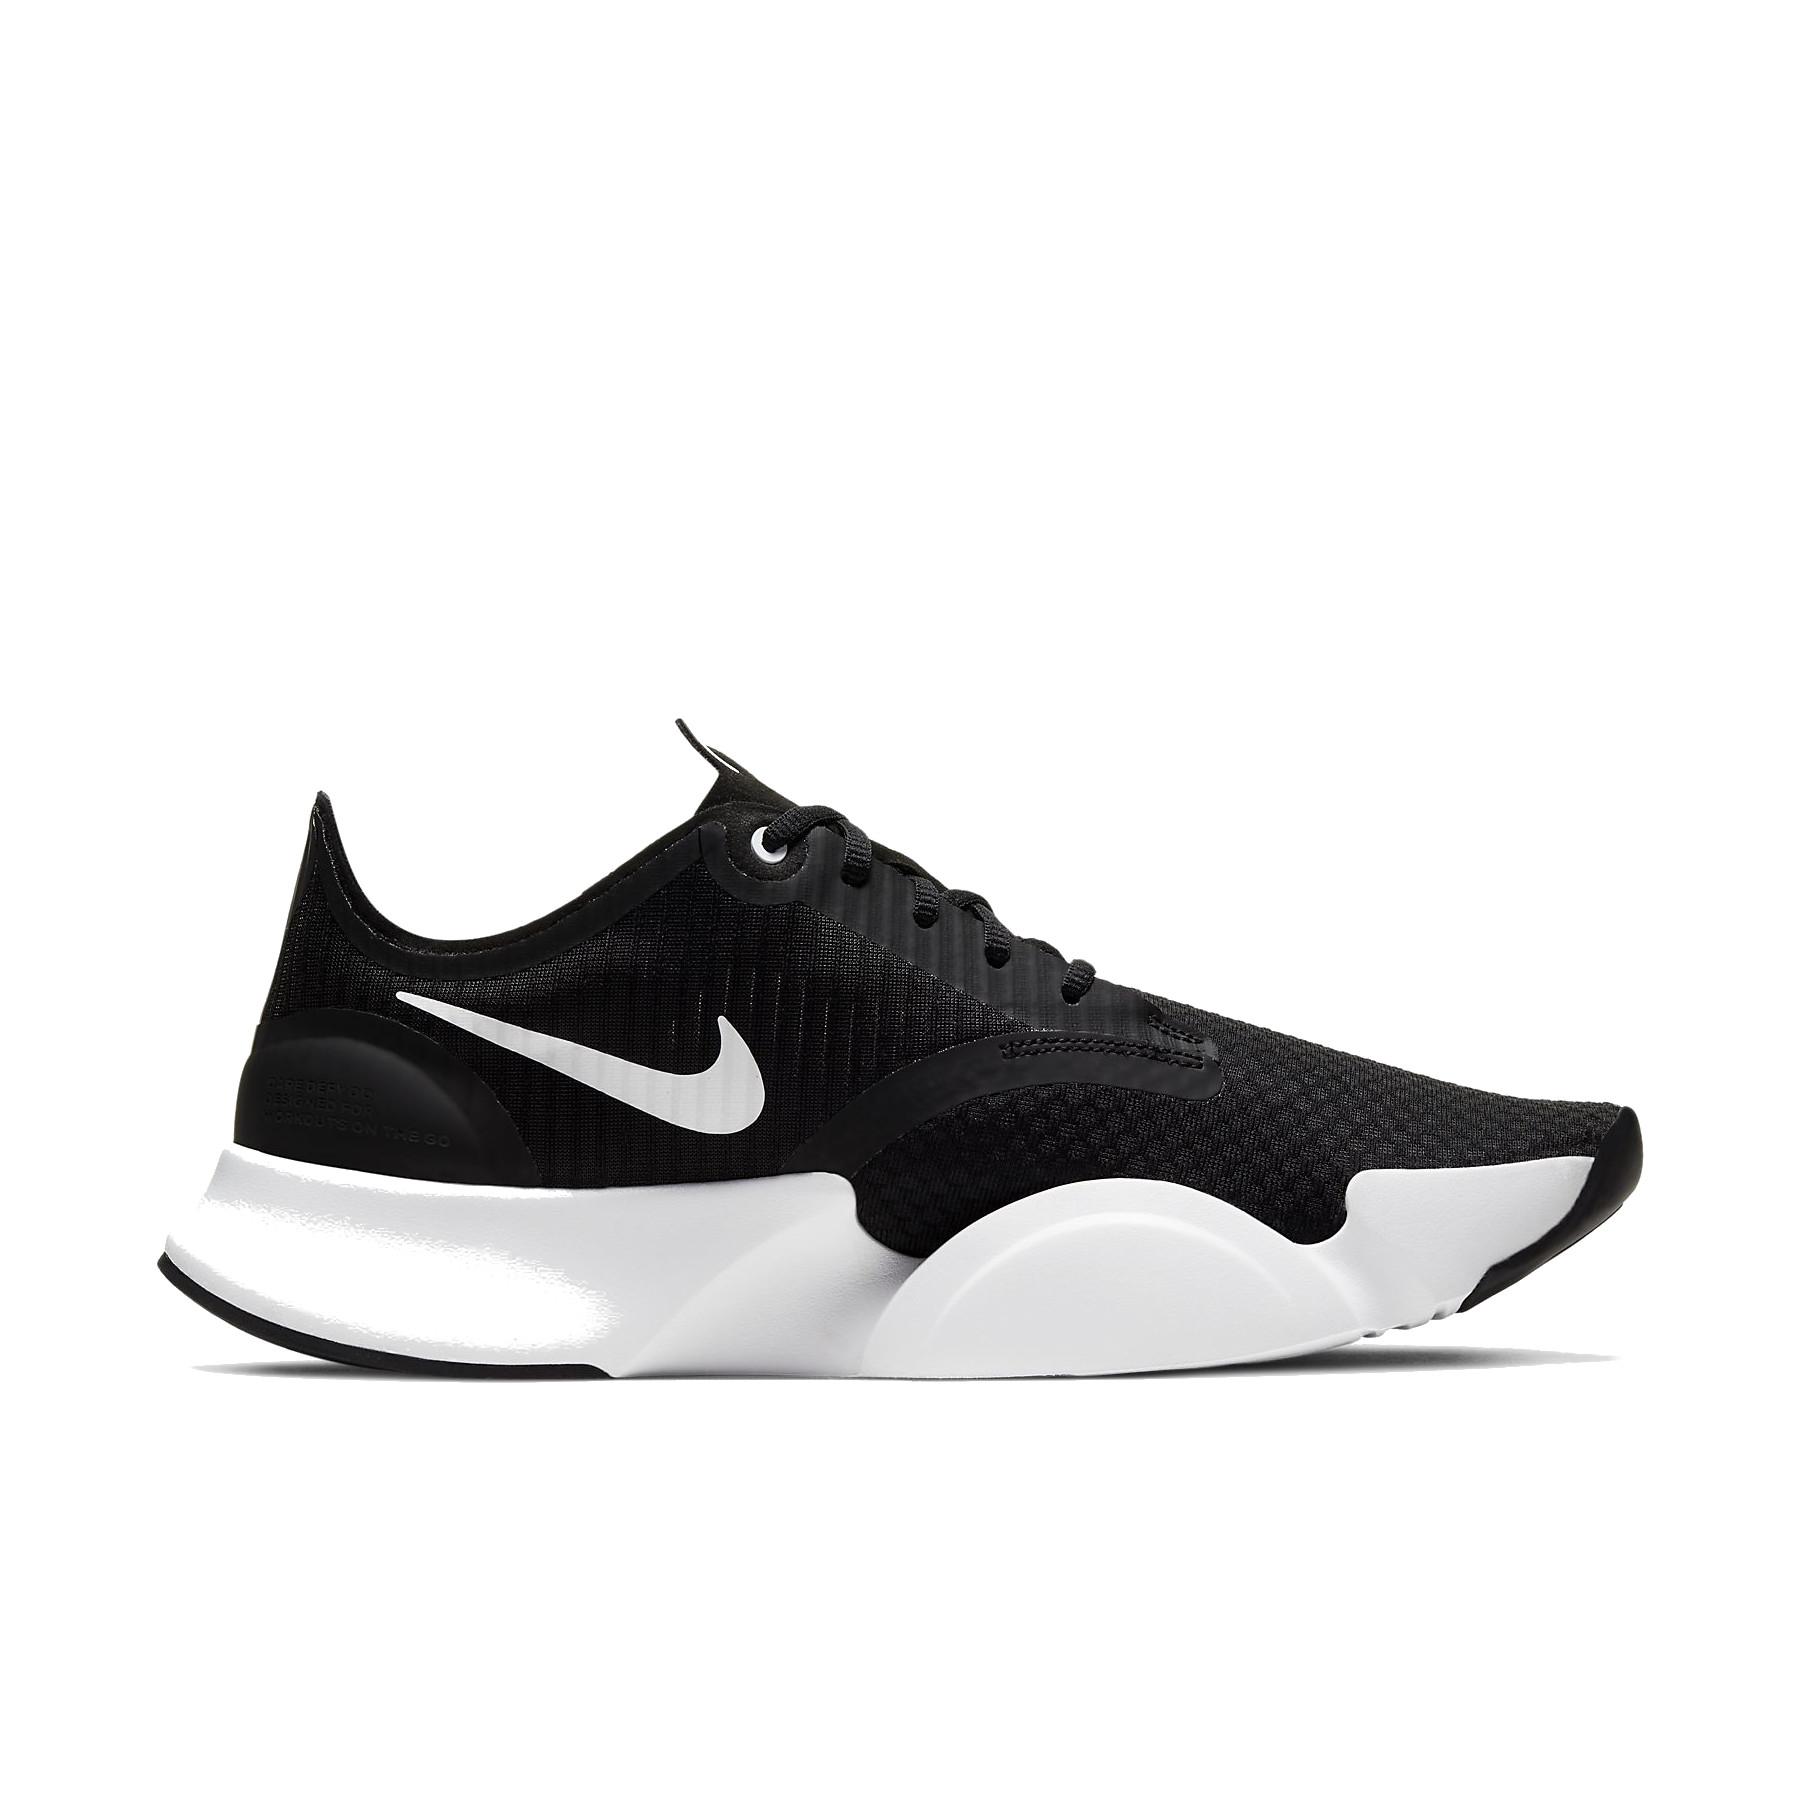 Produktbild von Nike SuperRep Go Herren-Trainingsschuh - black/white-dark smoke grey CJ0773-010